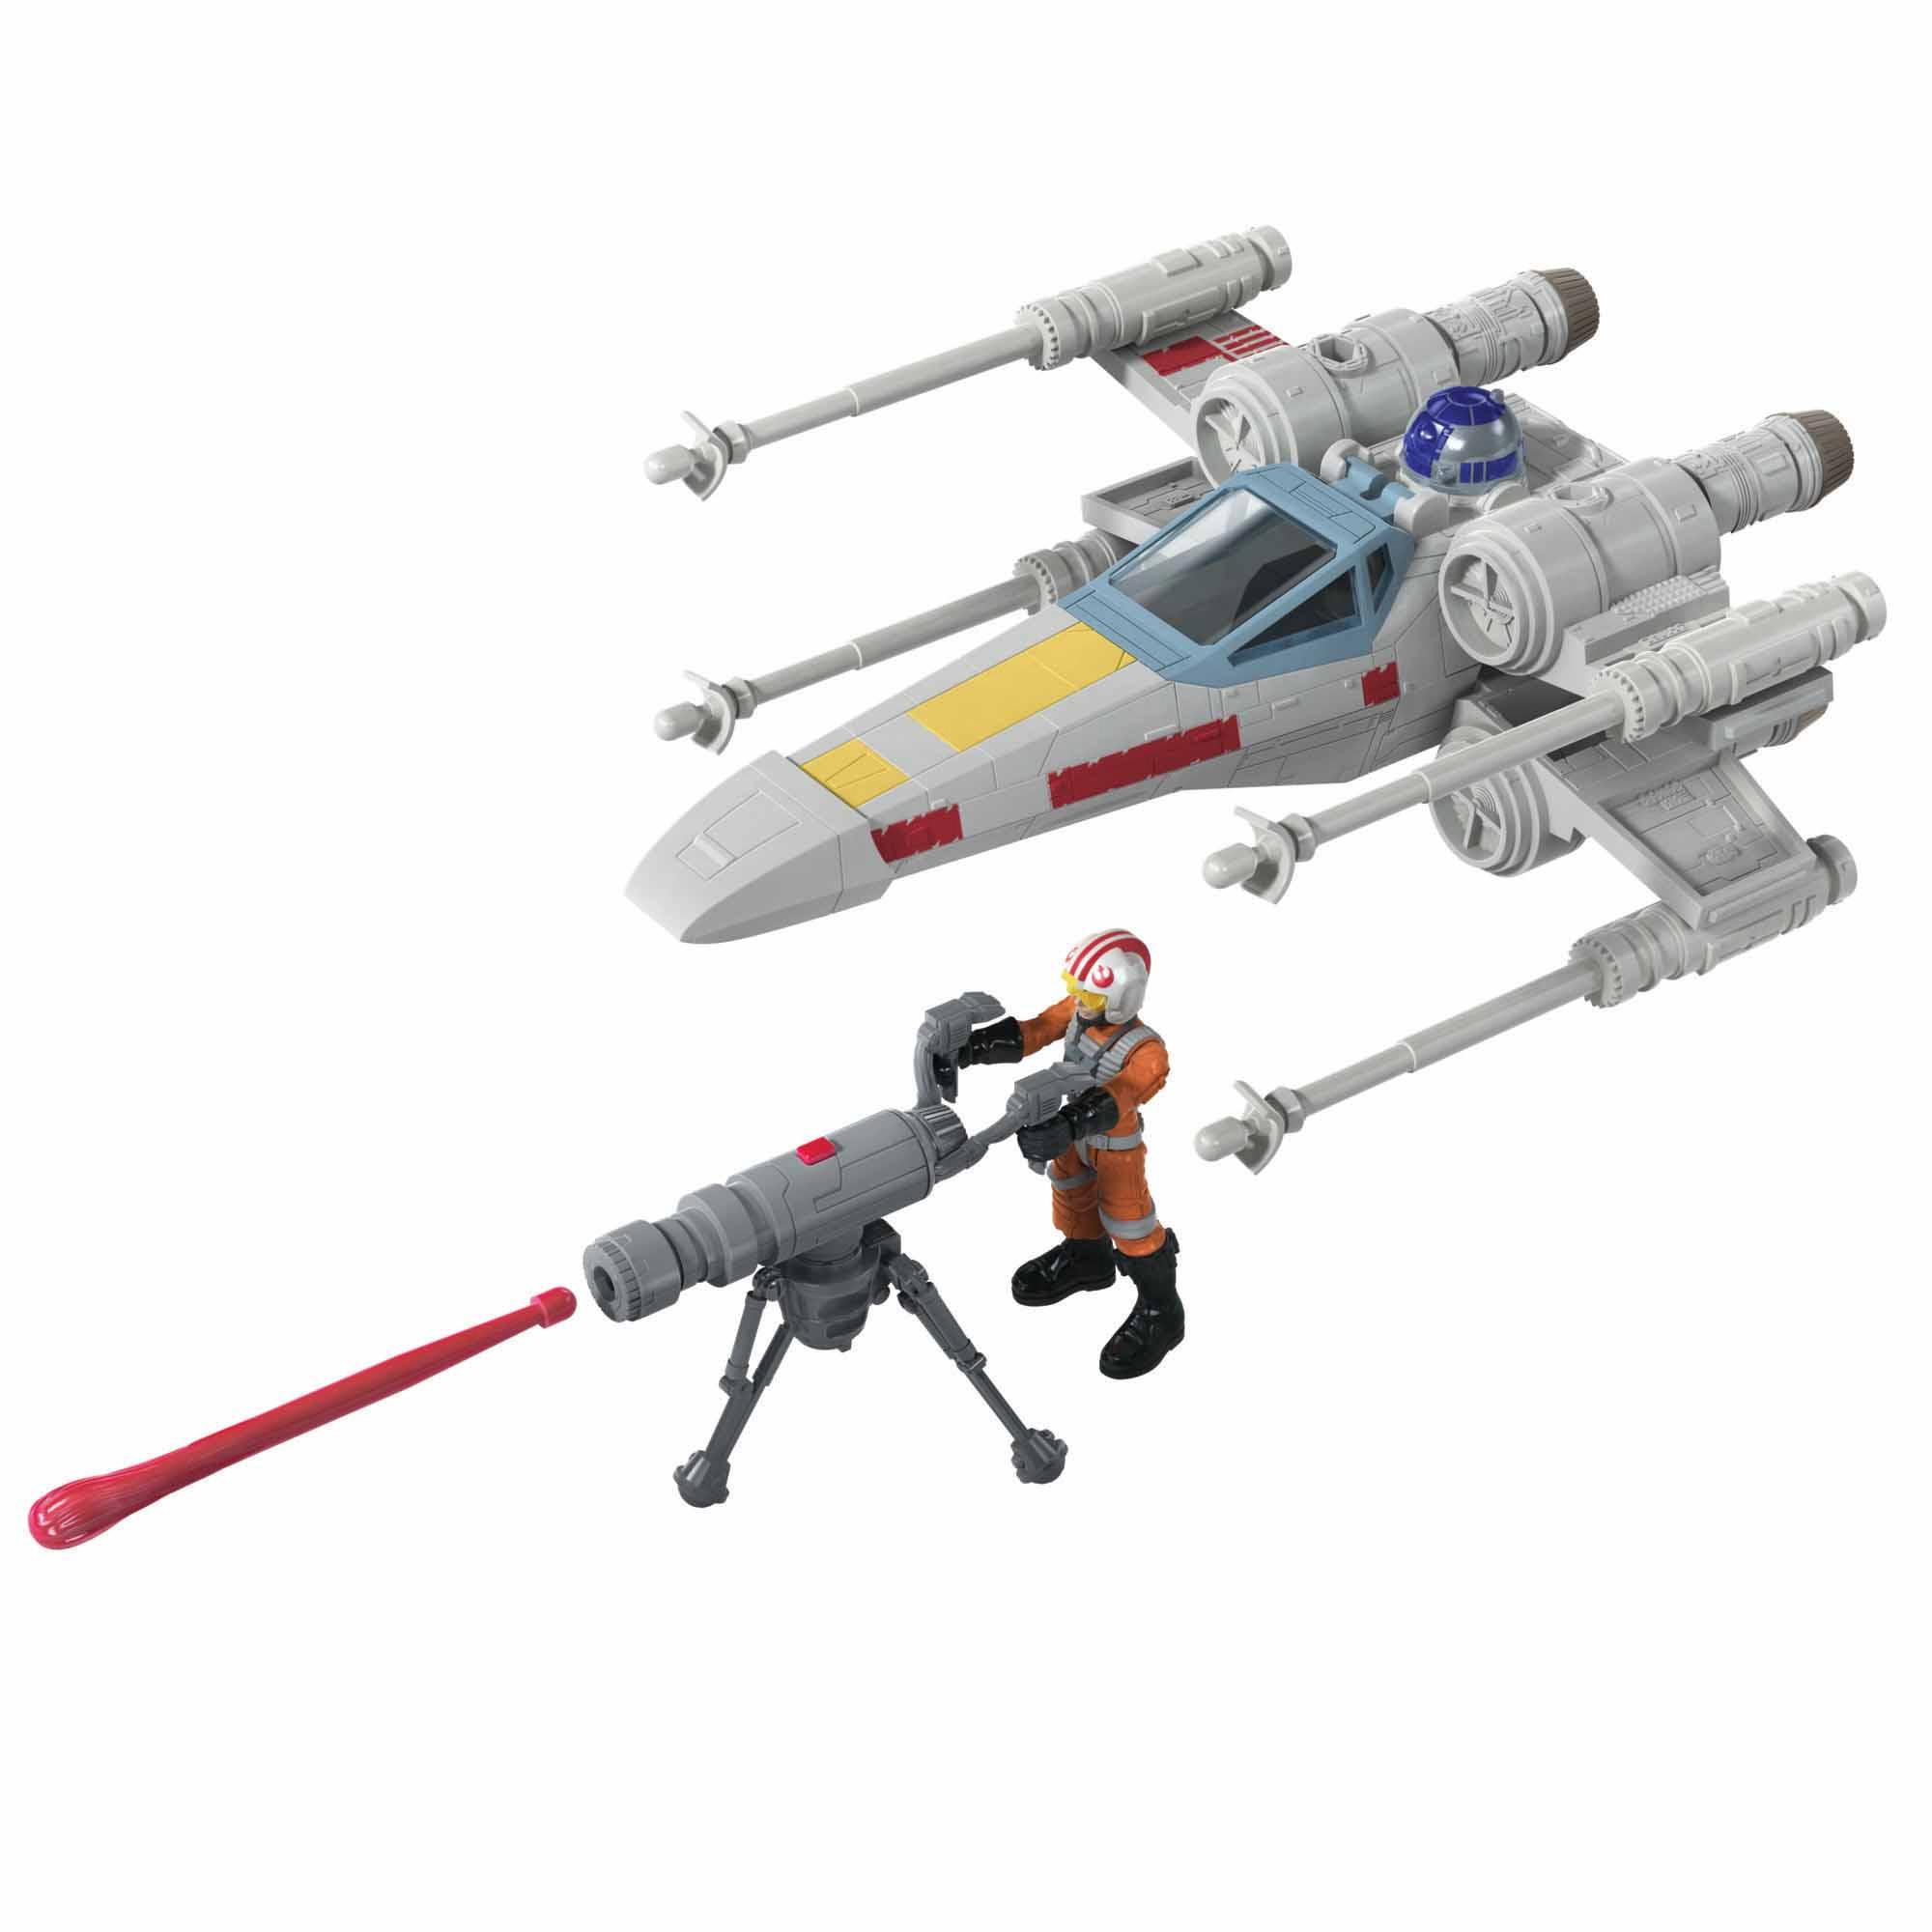 Stjerne Wars Mission Fleet Luke Skywalker X-wing Fighter